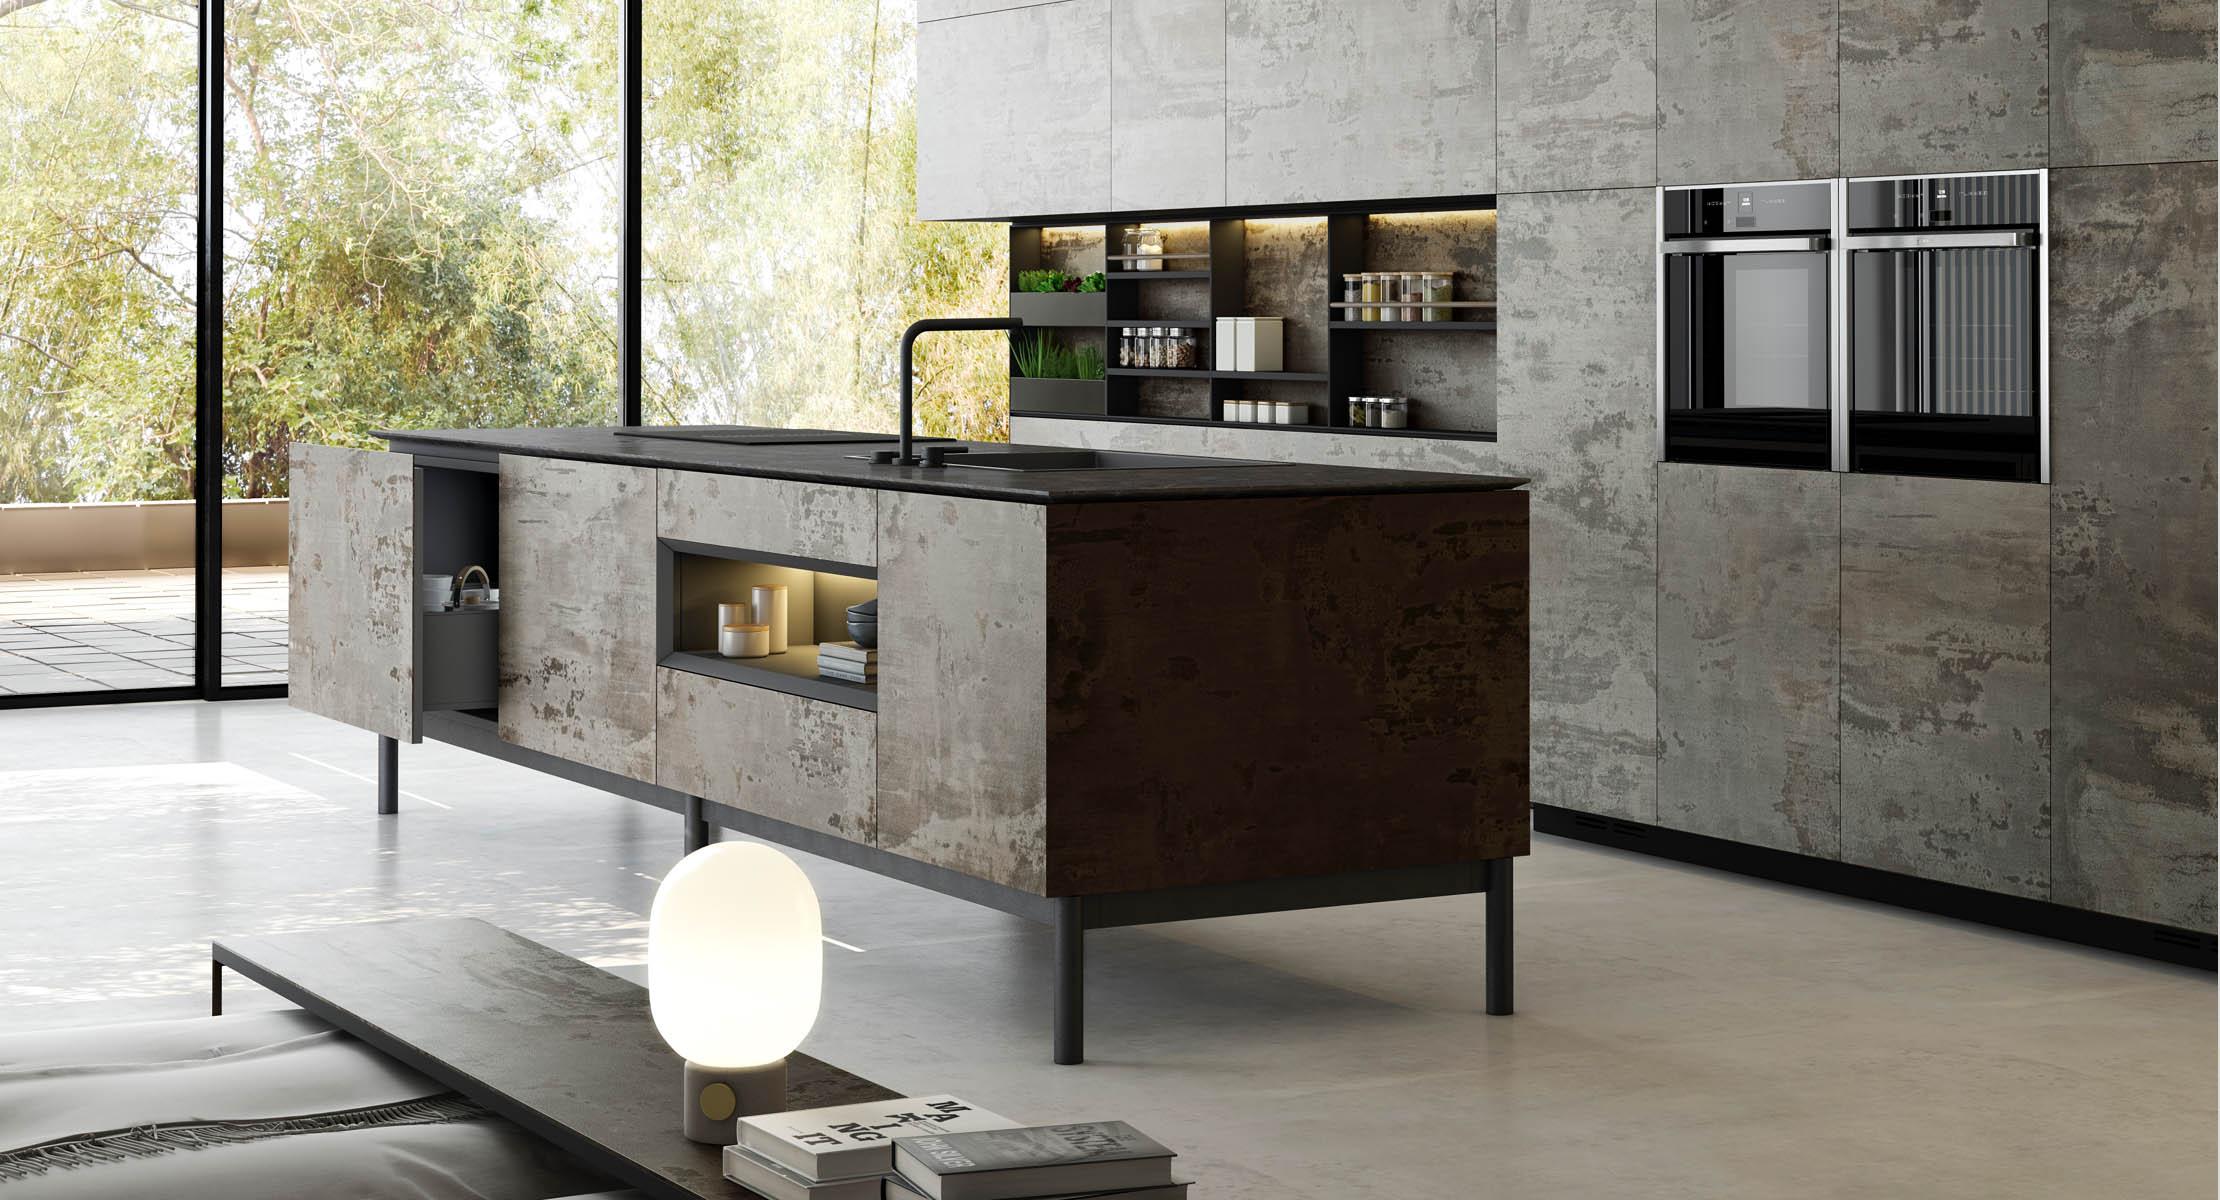 Image of mobiliario large in Arredamento - Cosentino